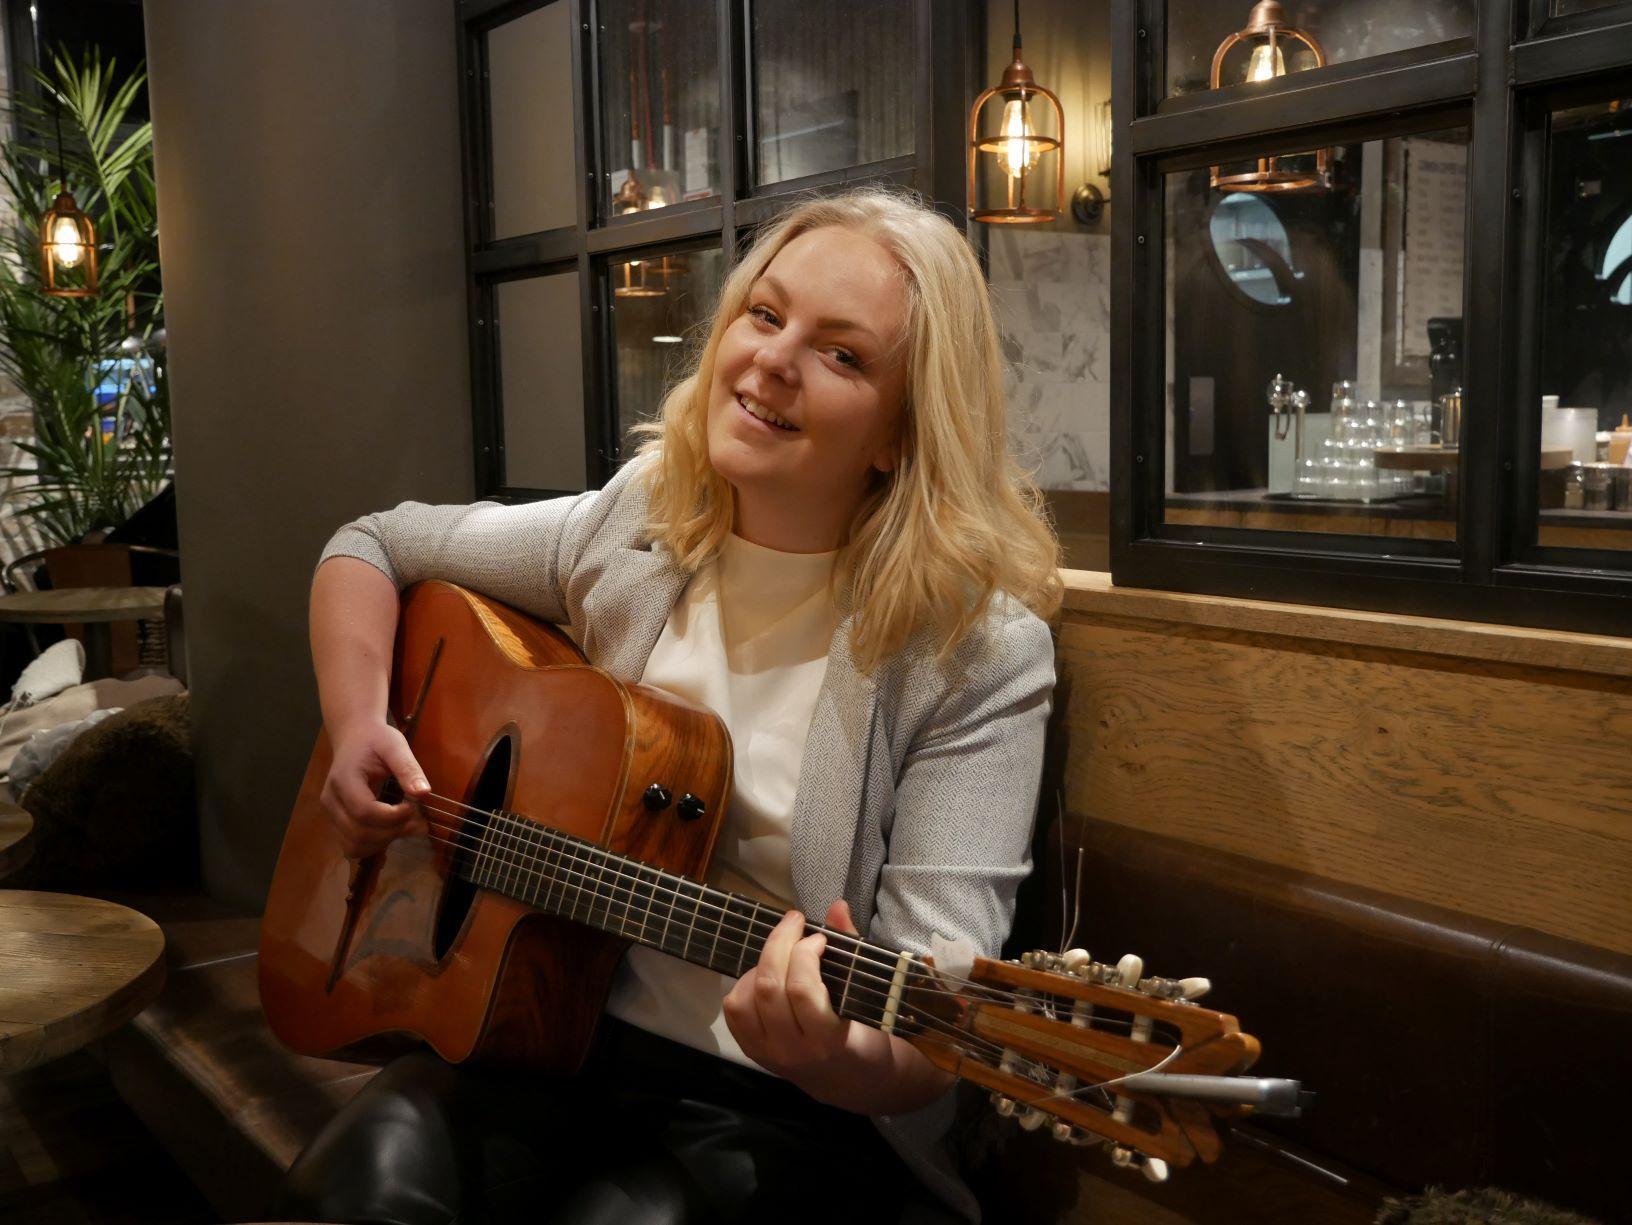 En kvinna sitter på café och spelar gitarr